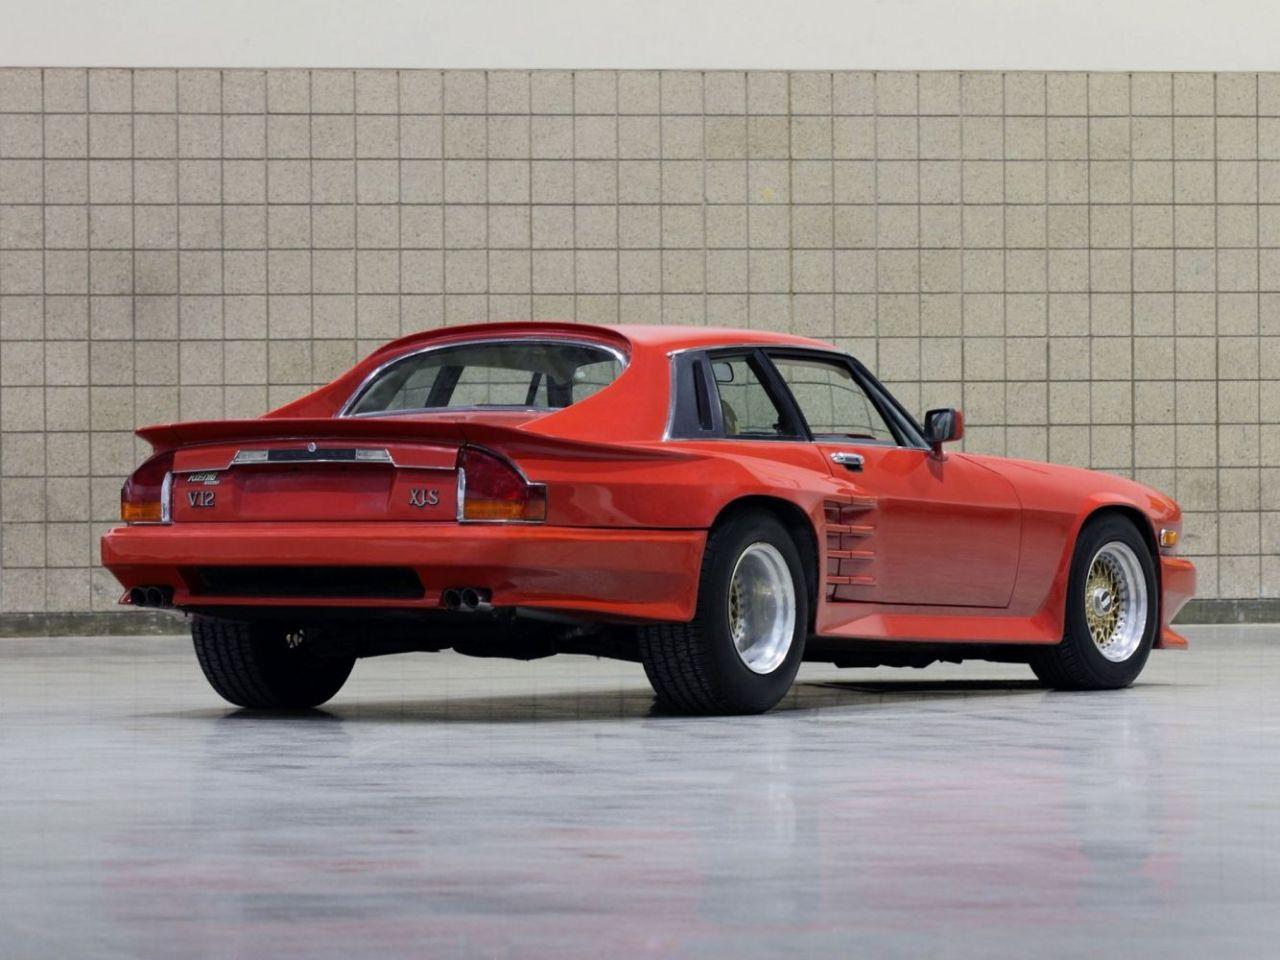 1982 Jaguar XJS Koenig Specials - Parce qu'en soi ton avis... 7